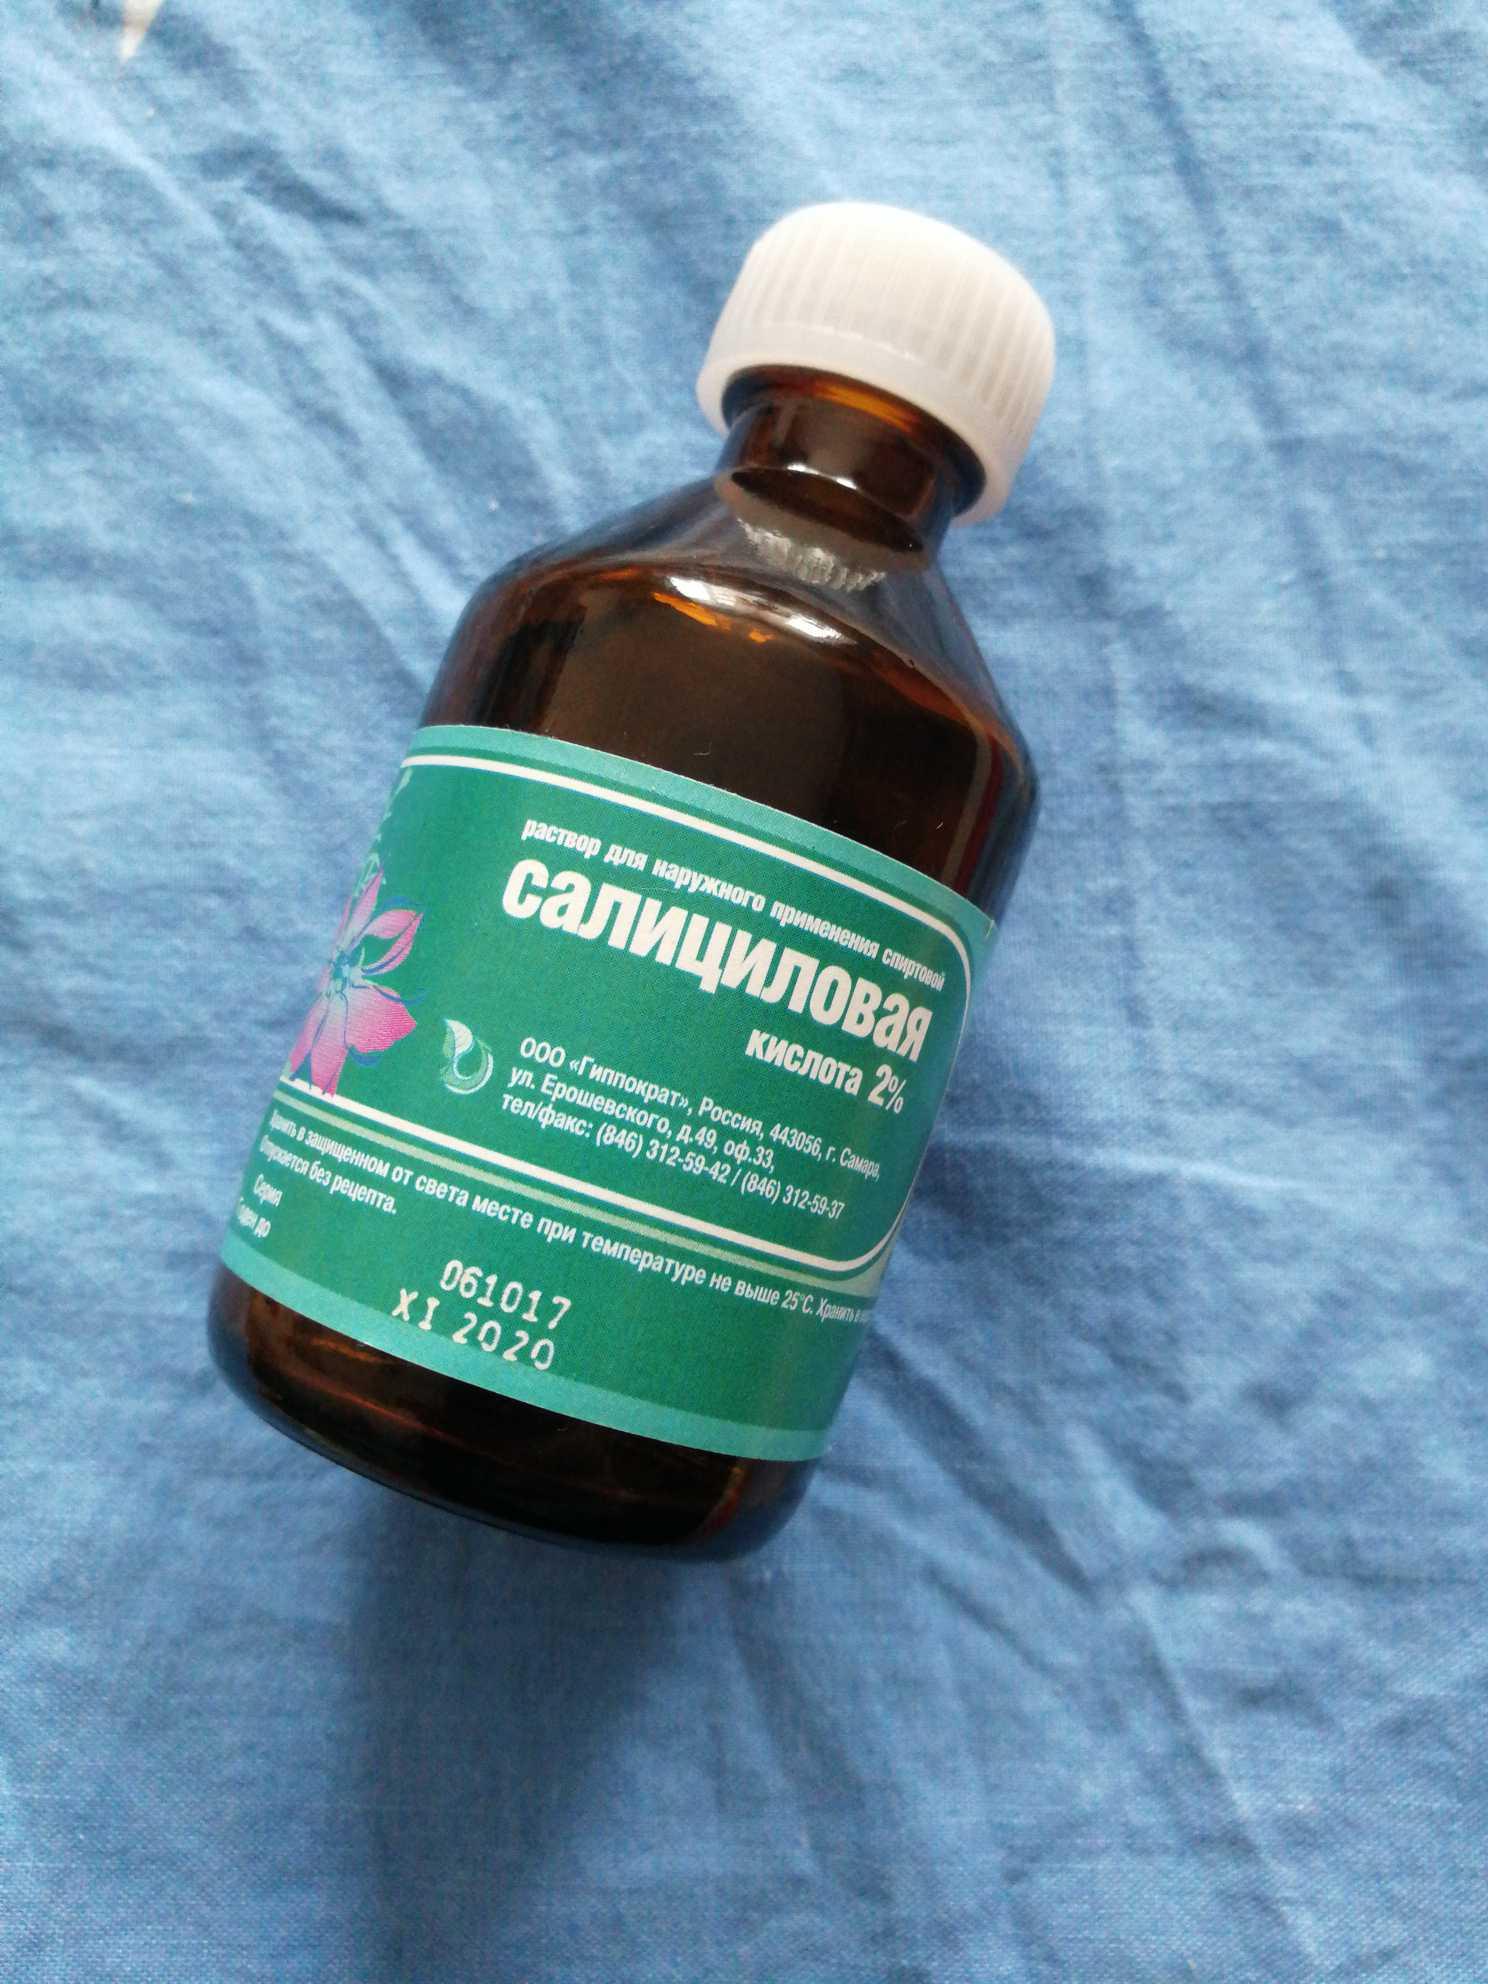 Салициловый спирт - для чего используется в медицине и косметологии, отзывы